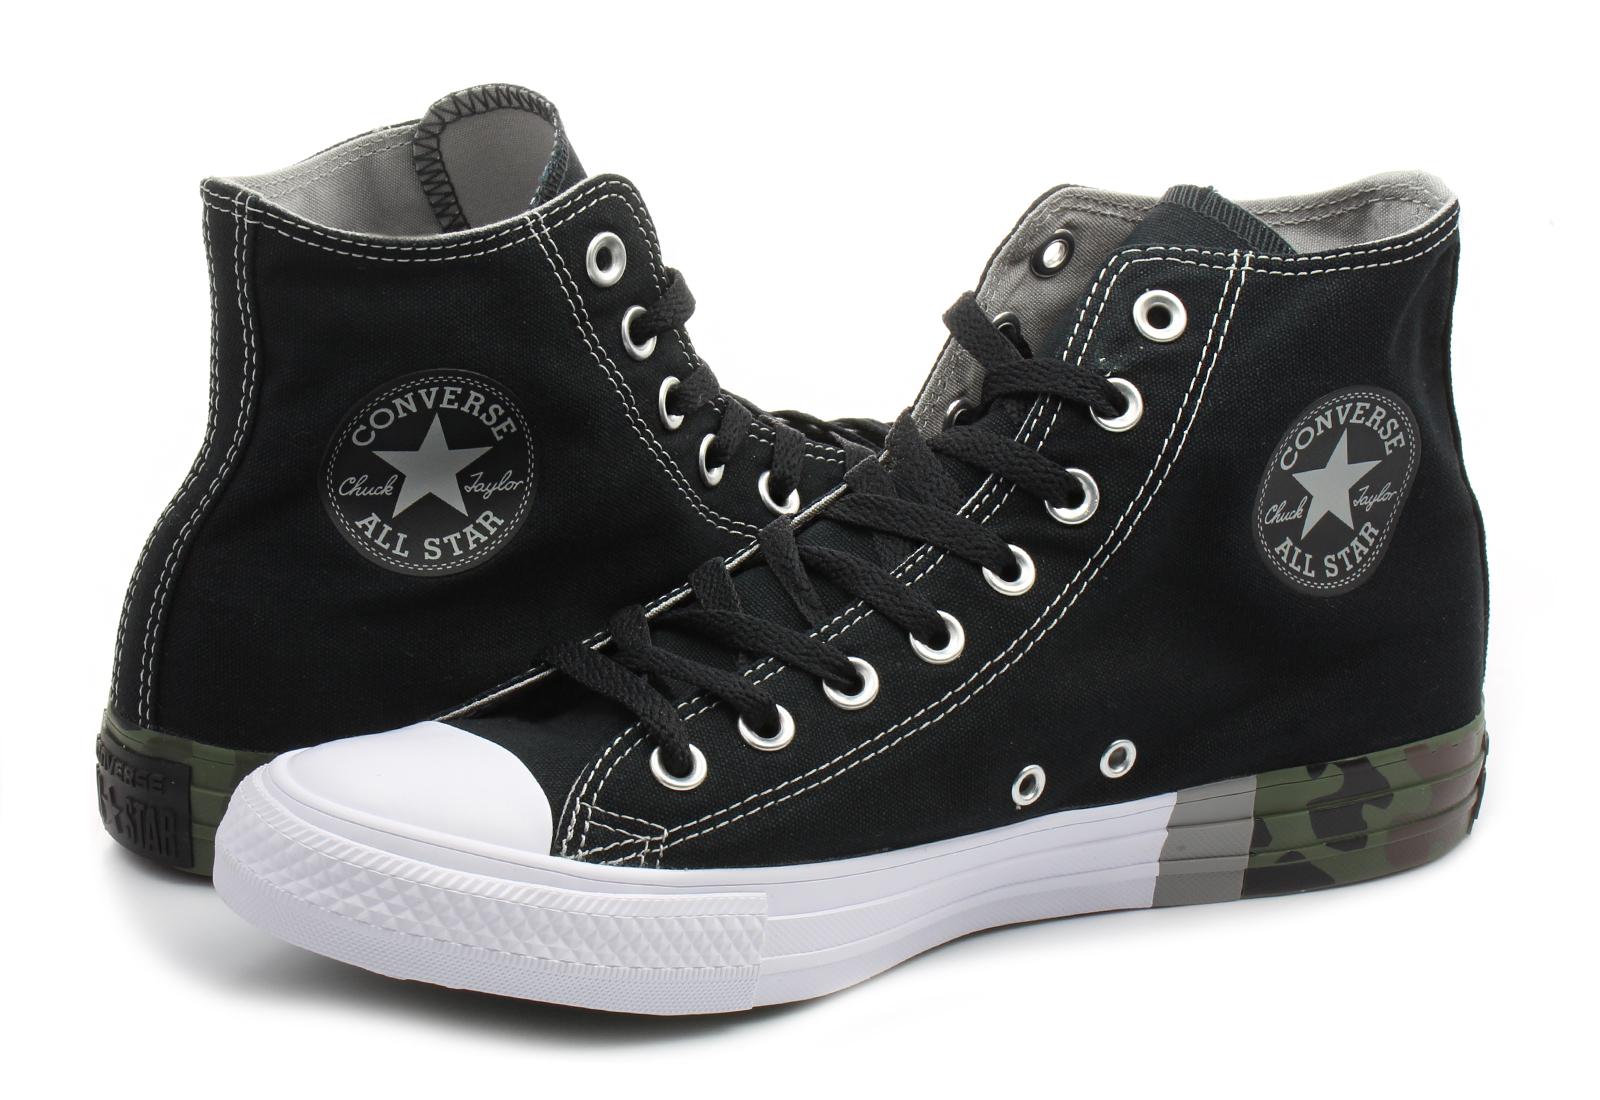 b65329a2c55f Converse Trampki - Chuck Taylor All Star - 159549C - Obuwie i buty ...